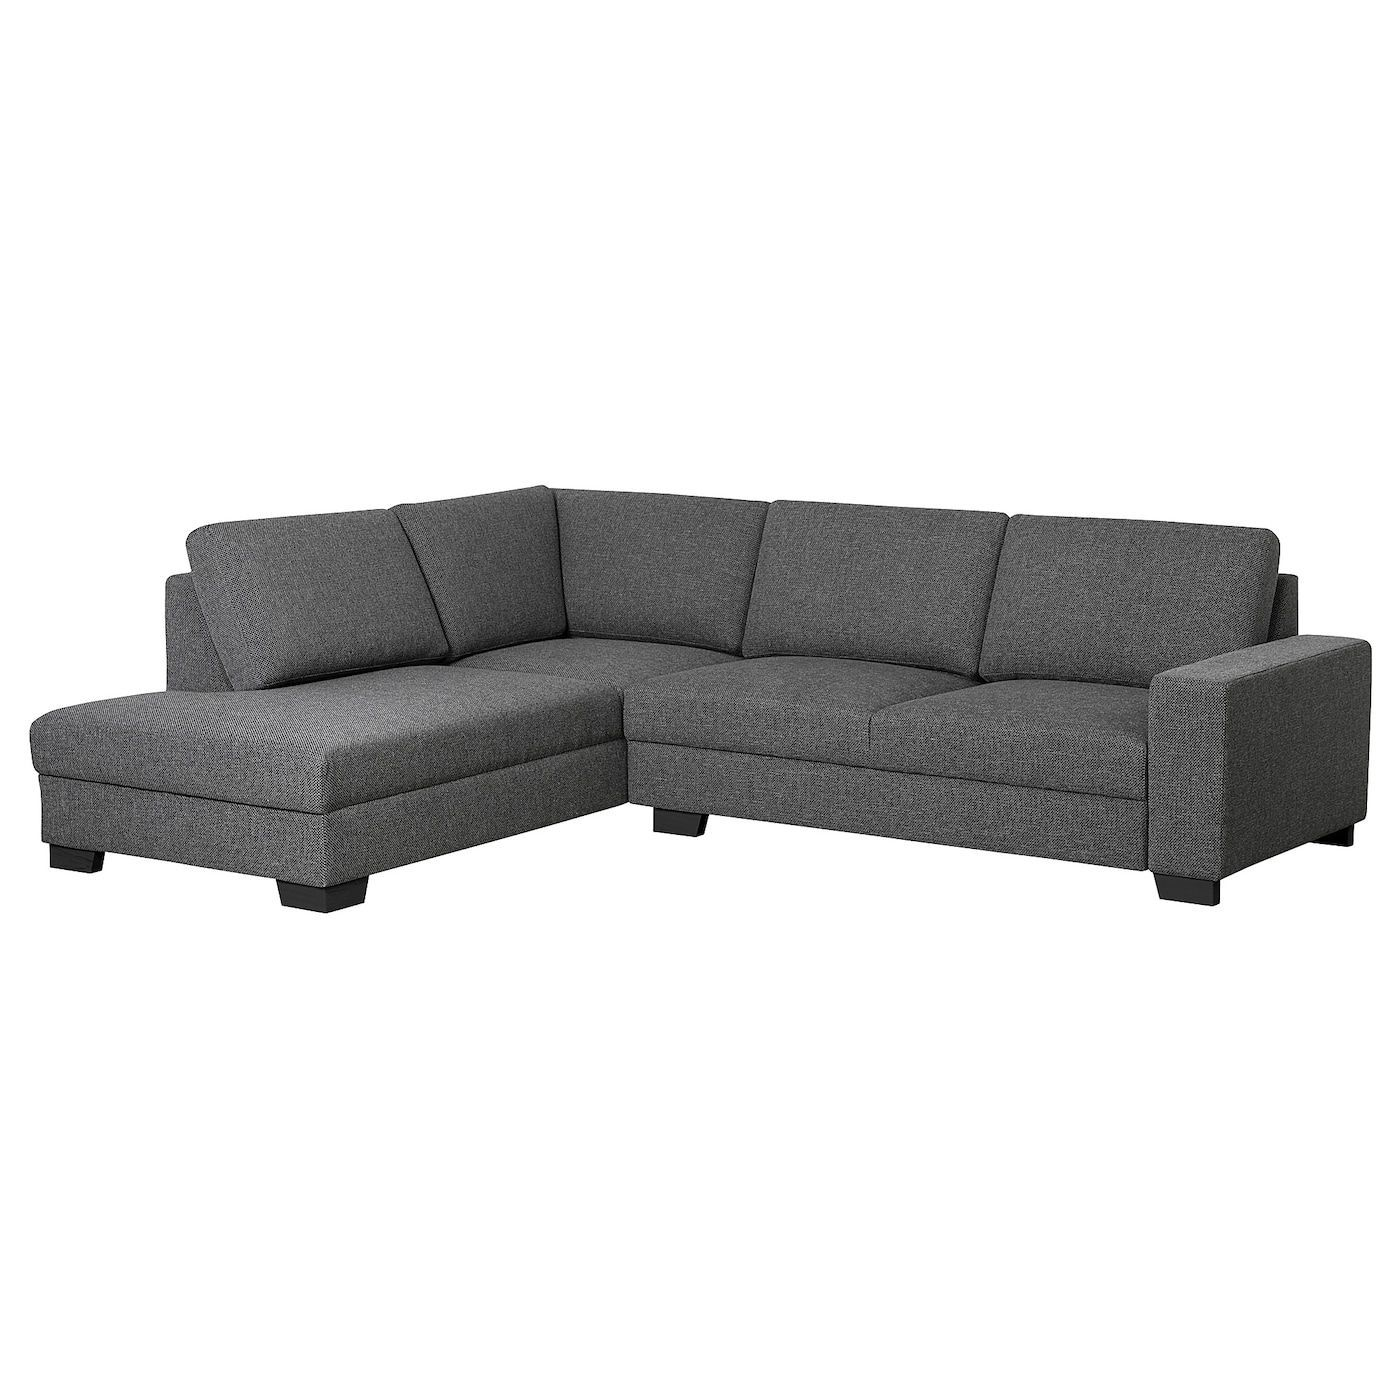 Sorvallen Ecksofa 3 Sitzig In 2020 Corner Sofa Canape Ikea Ikea